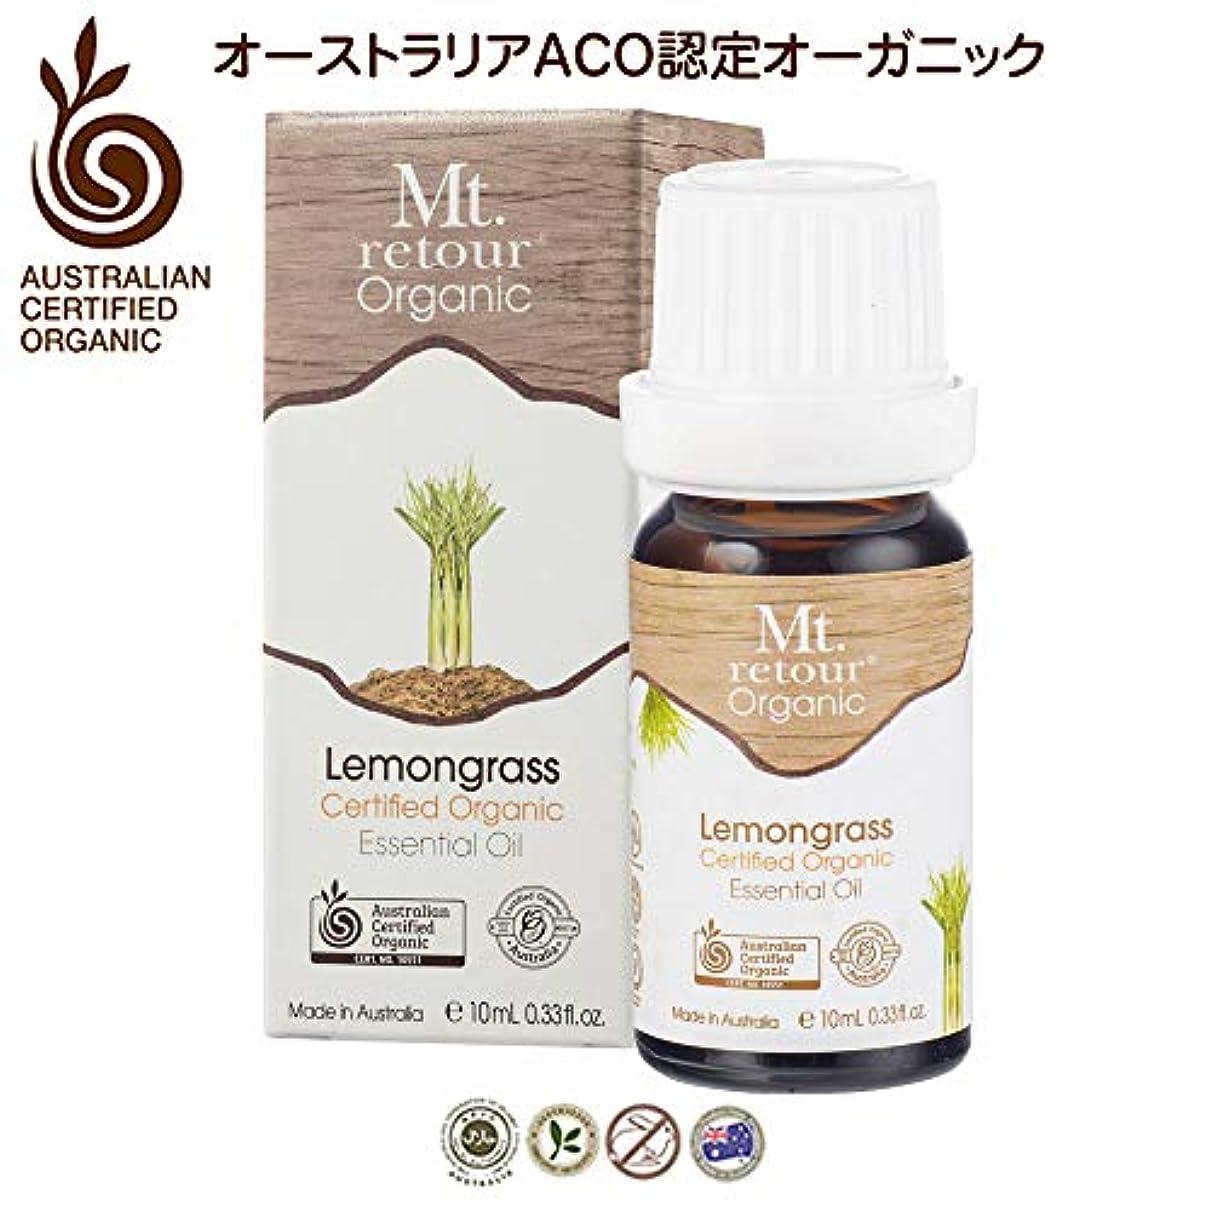 間隔どうしたのさまようMt. retour ACO認定オーガニック レモングラス 10ml エッセンシャルオイル(無農薬有機)アロマ